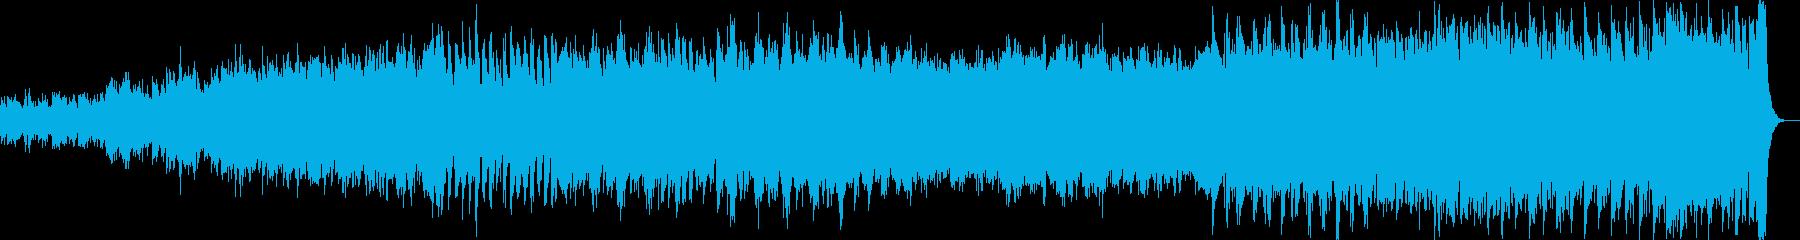 段々盛り上がる壮大な変奏曲:企業VP 等の再生済みの波形